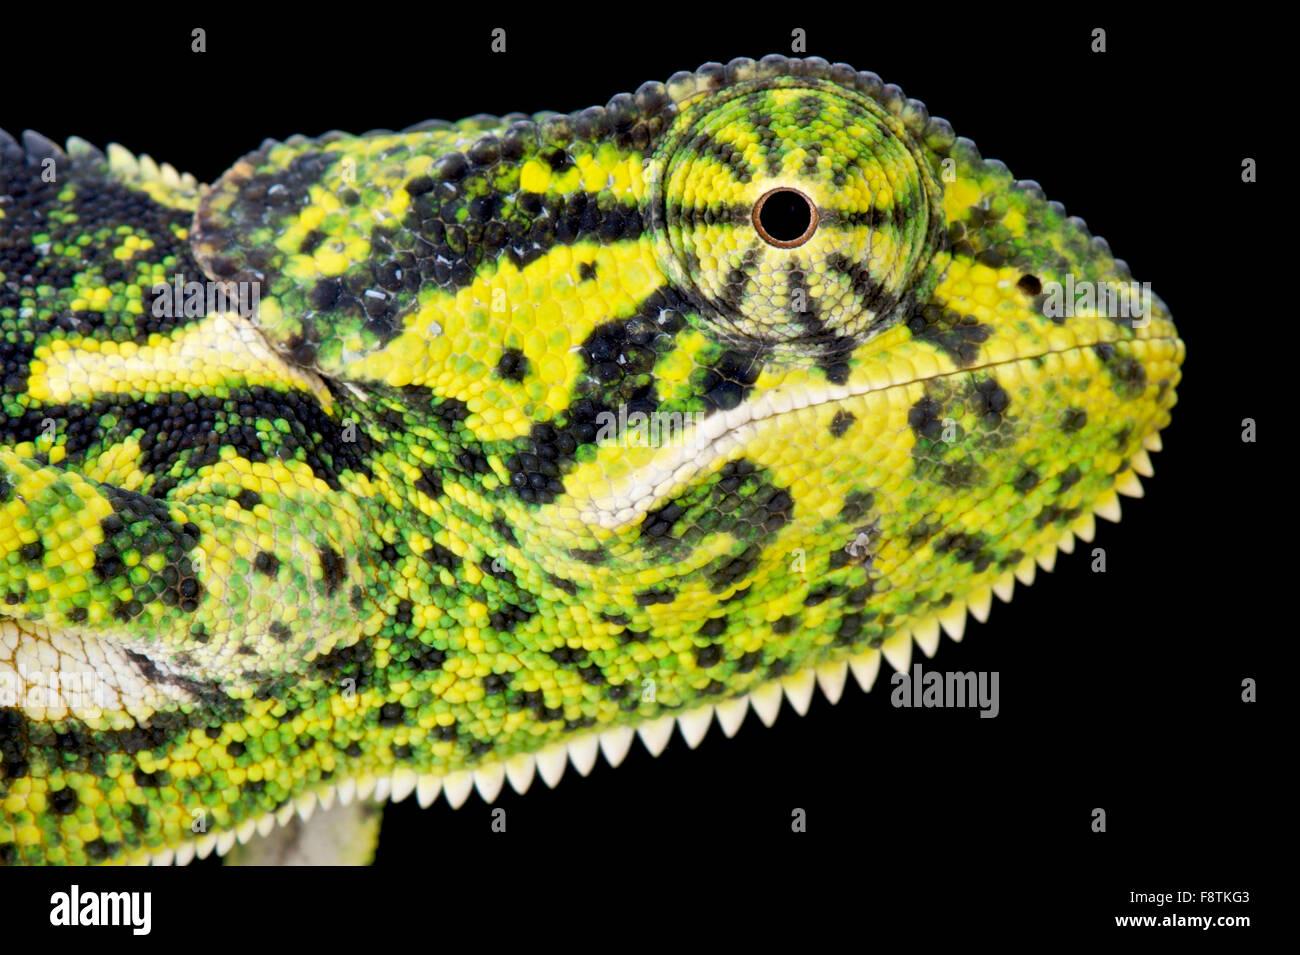 Flapnecked chameleon (Chamaeleo dilepis) - Stock Image